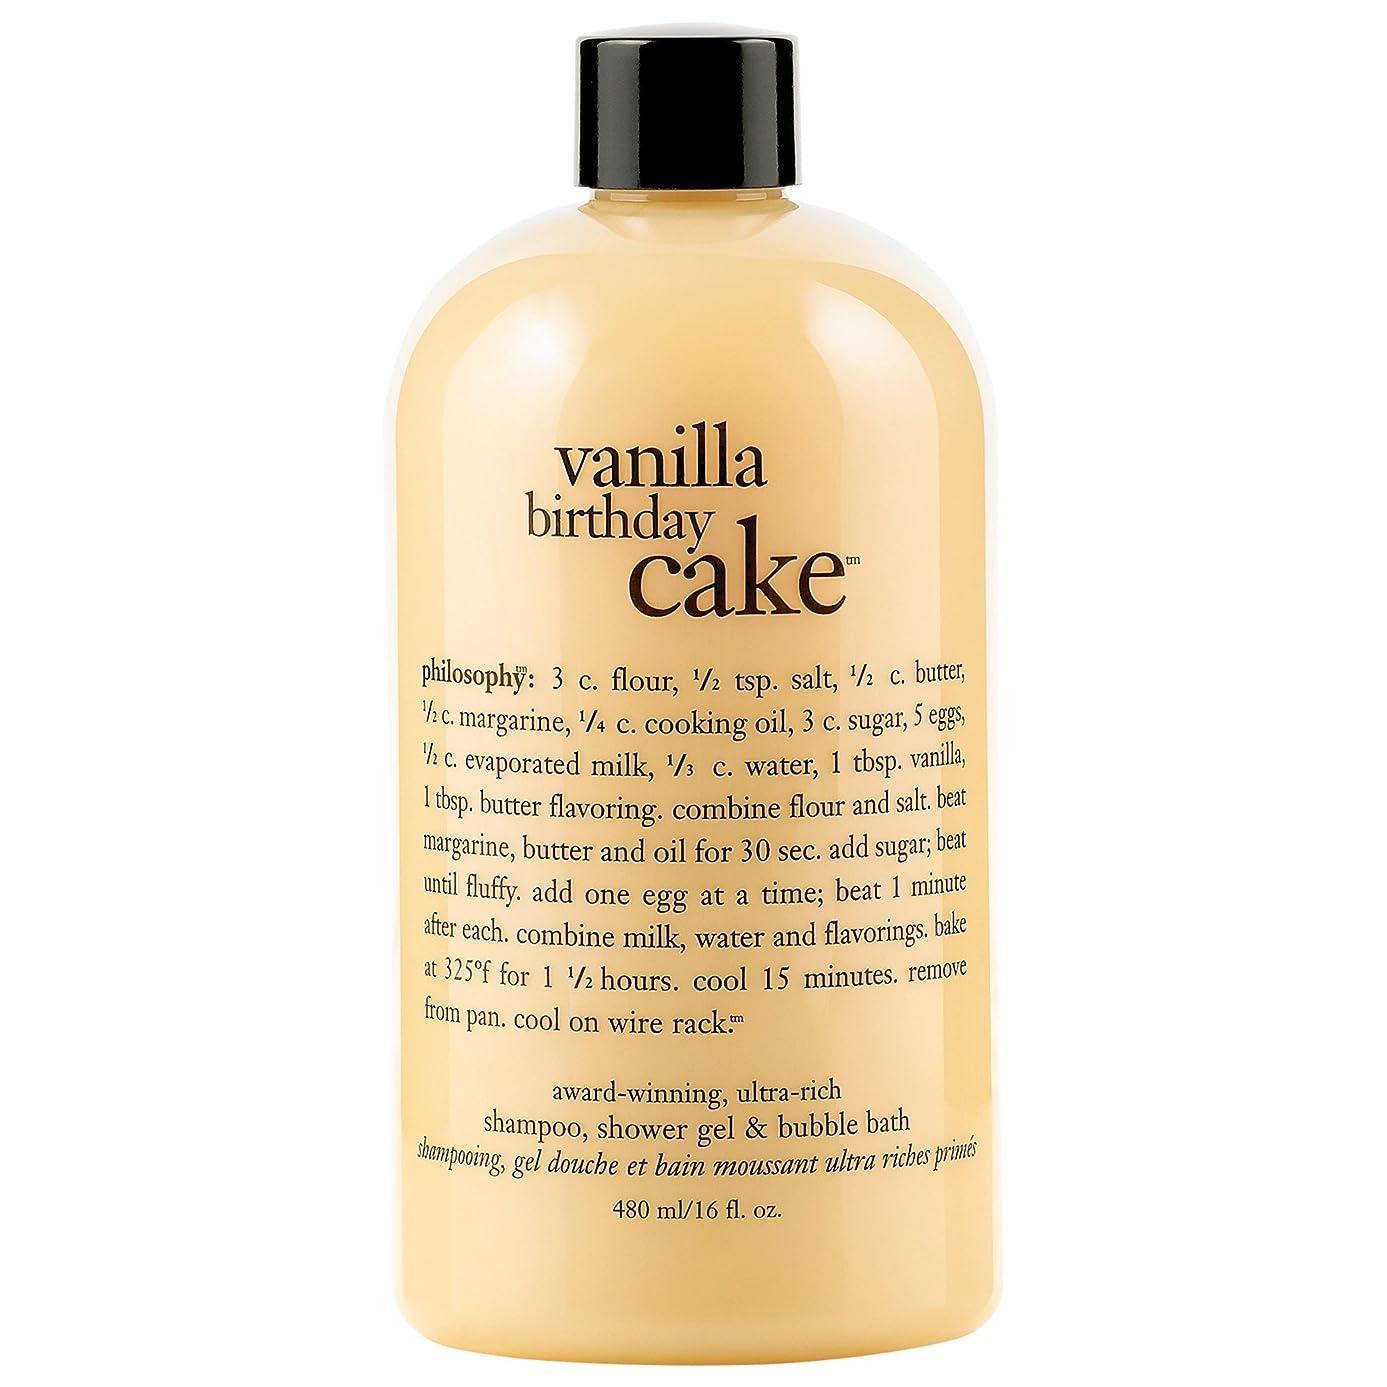 こどもの日登山家道徳哲学バニラバースデーケーキシャンプー/シャワージェル/バブルバス480ミリリットル (Philosophy) (x2) - Philosophy Vanilla Birthday Cake Shampoo/Shower Gel/Bubble Bath 480ml (Pack of 2) [並行輸入品]